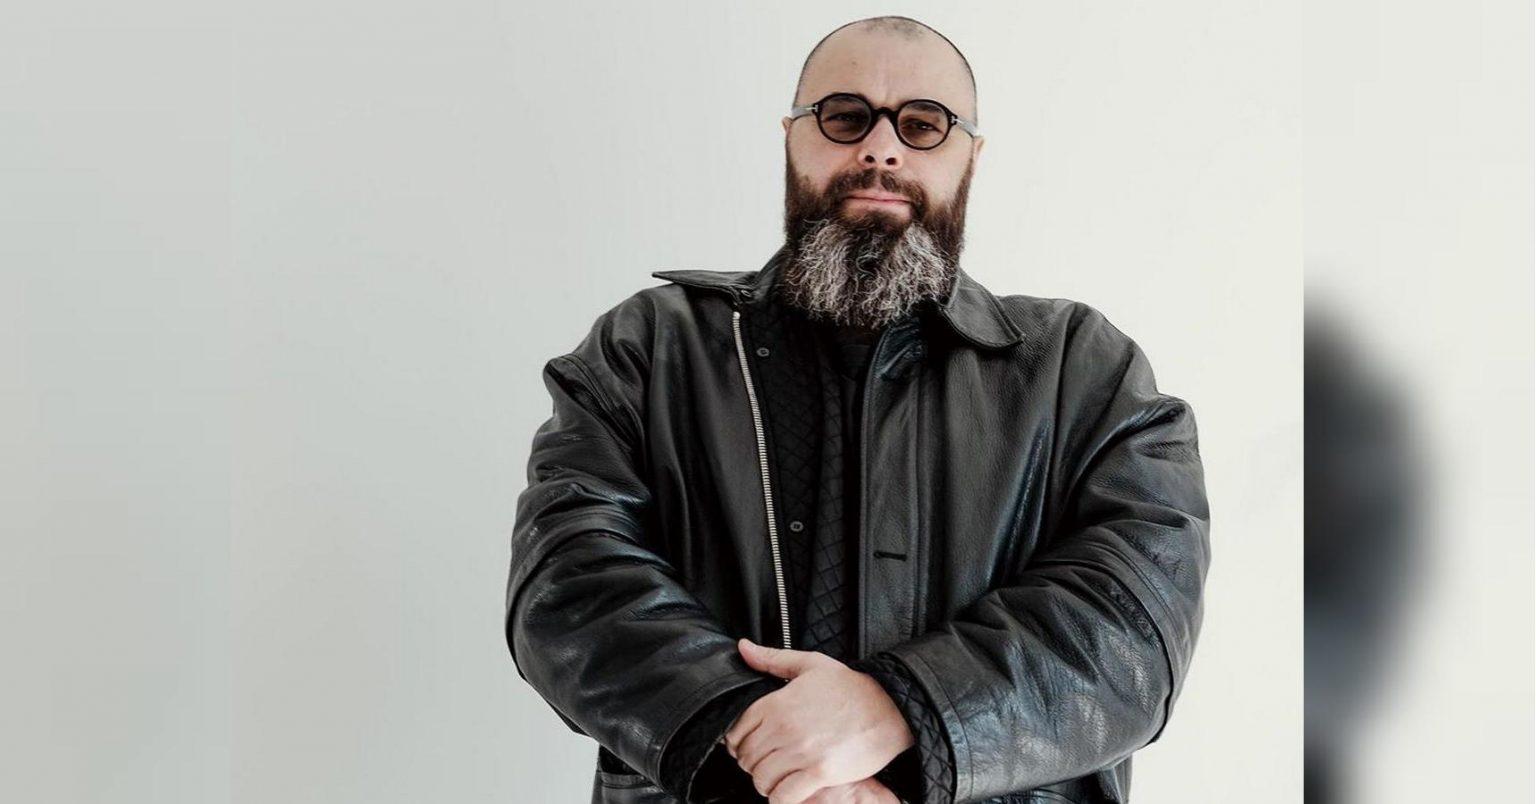 Артем фадеев - биография, личная жизнь, фото, песни и последние новости 2020 - 24сми